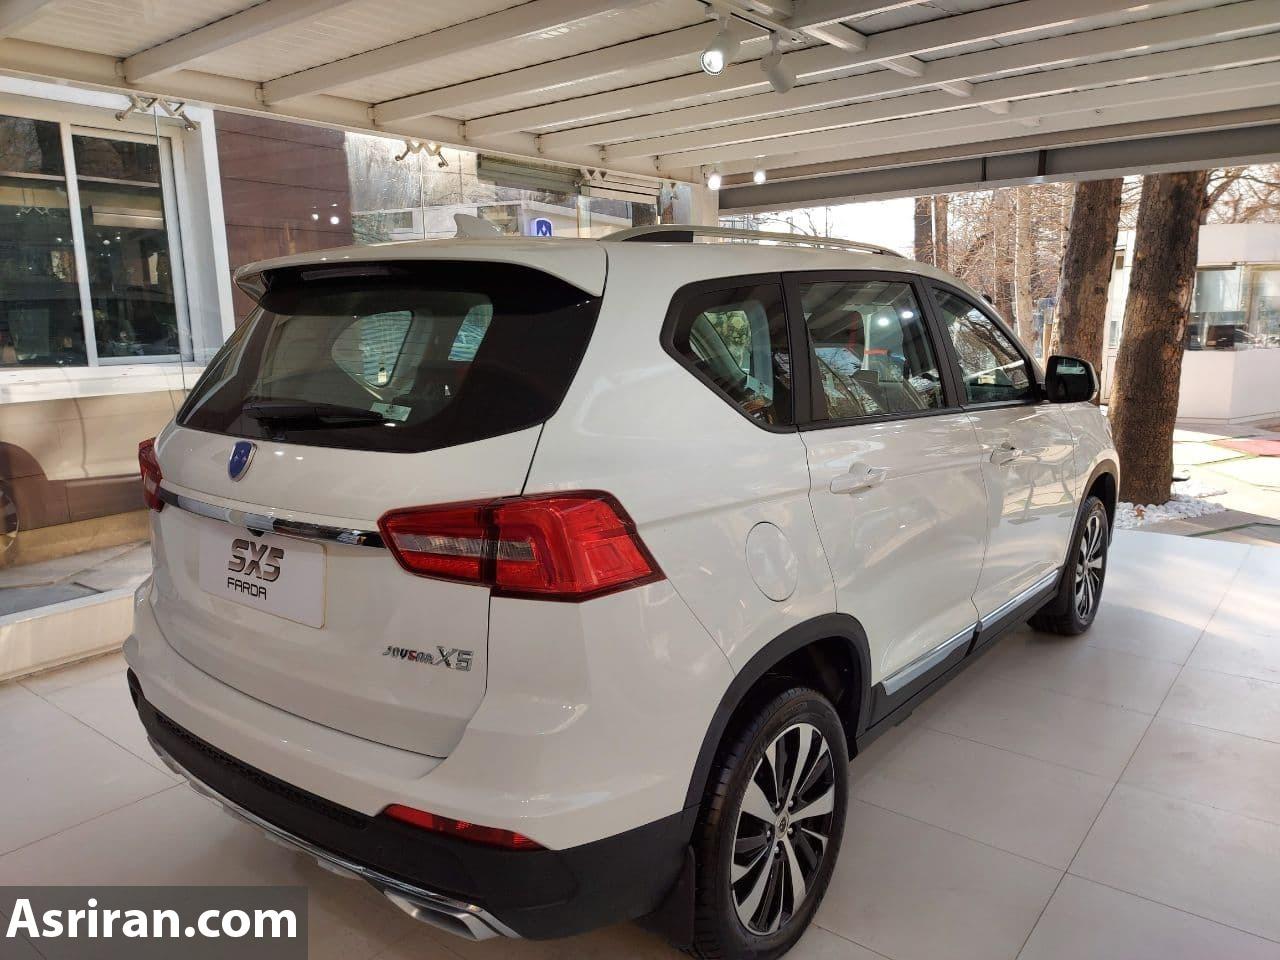 خودروی کراس اوور جدید بازار ایران رسما معرفی شد /sx5 با چه مشخصاتی وارد بازار می شود (+عکس)